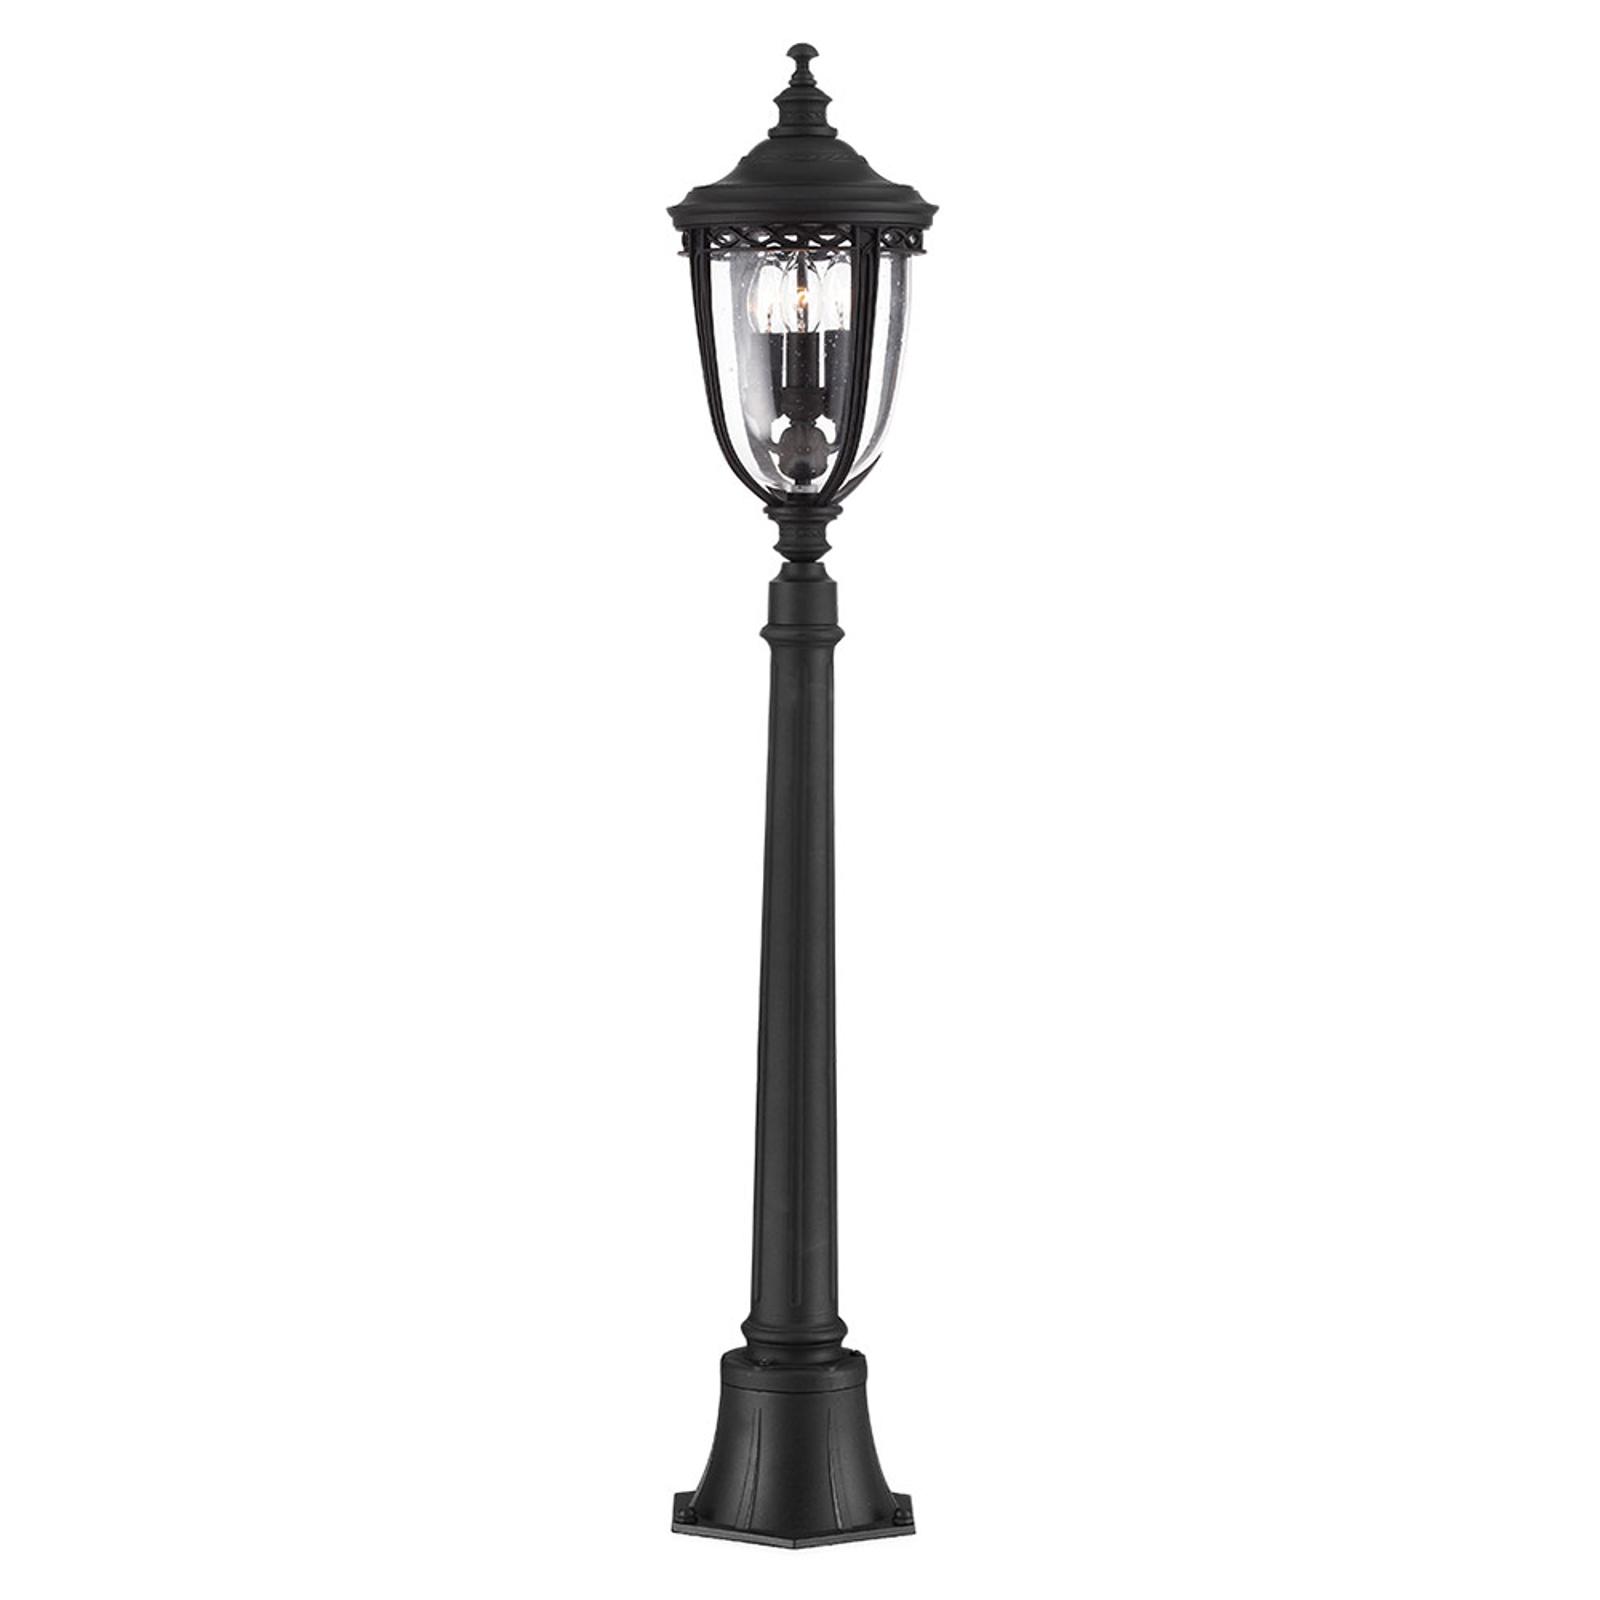 Tuinpadverlichting English Bridle, zwart